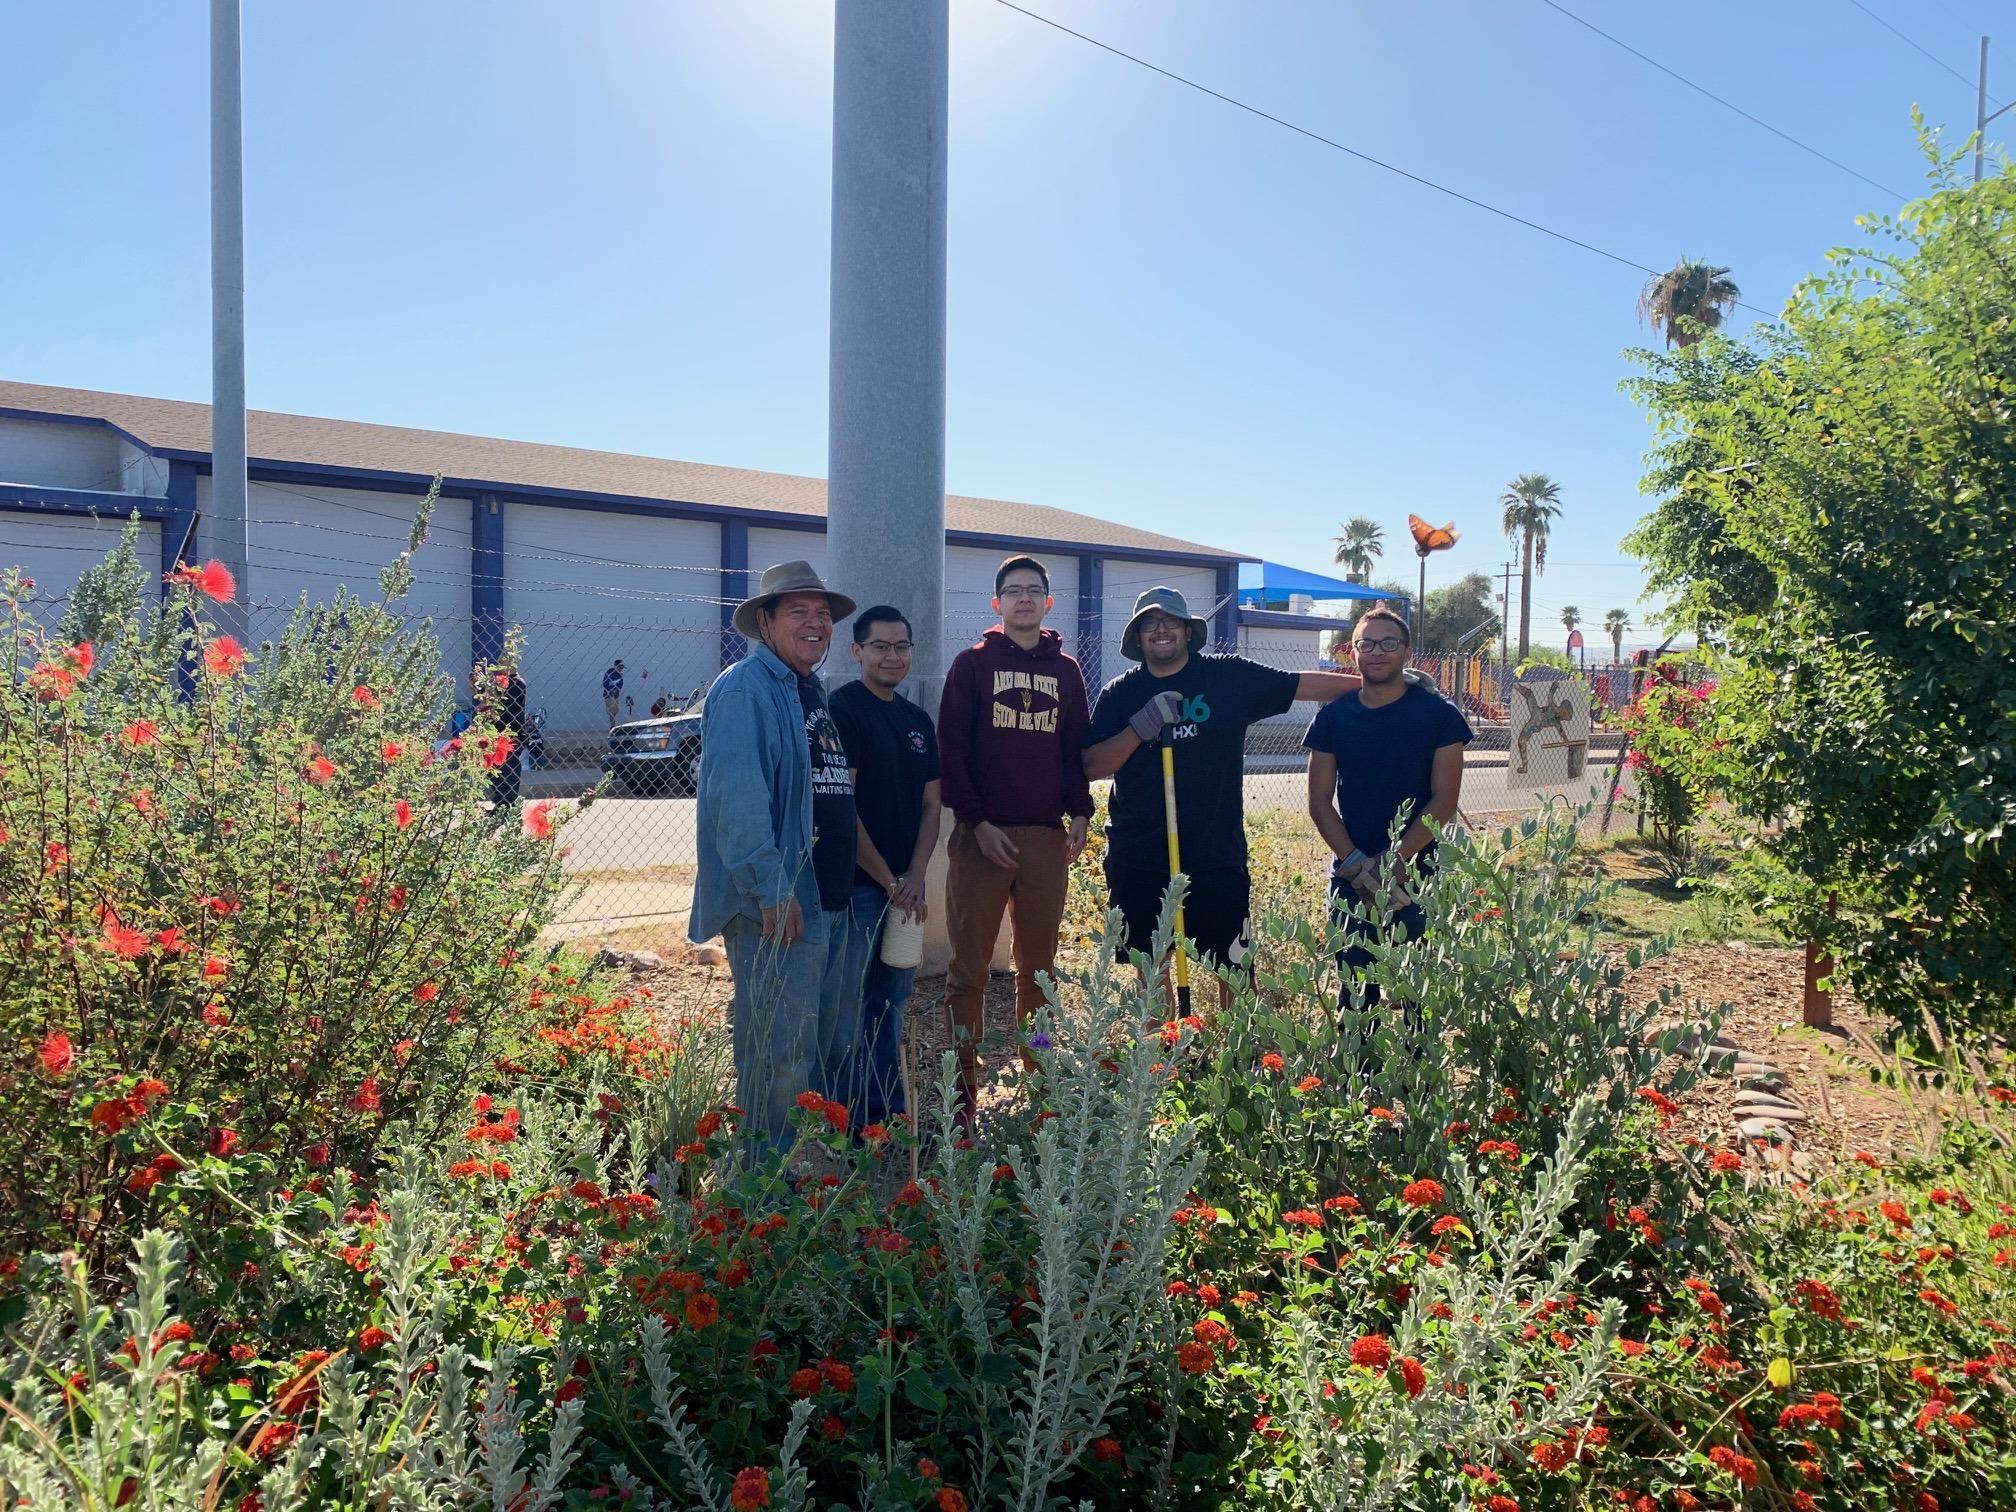 Garden Image Volunteering and Working